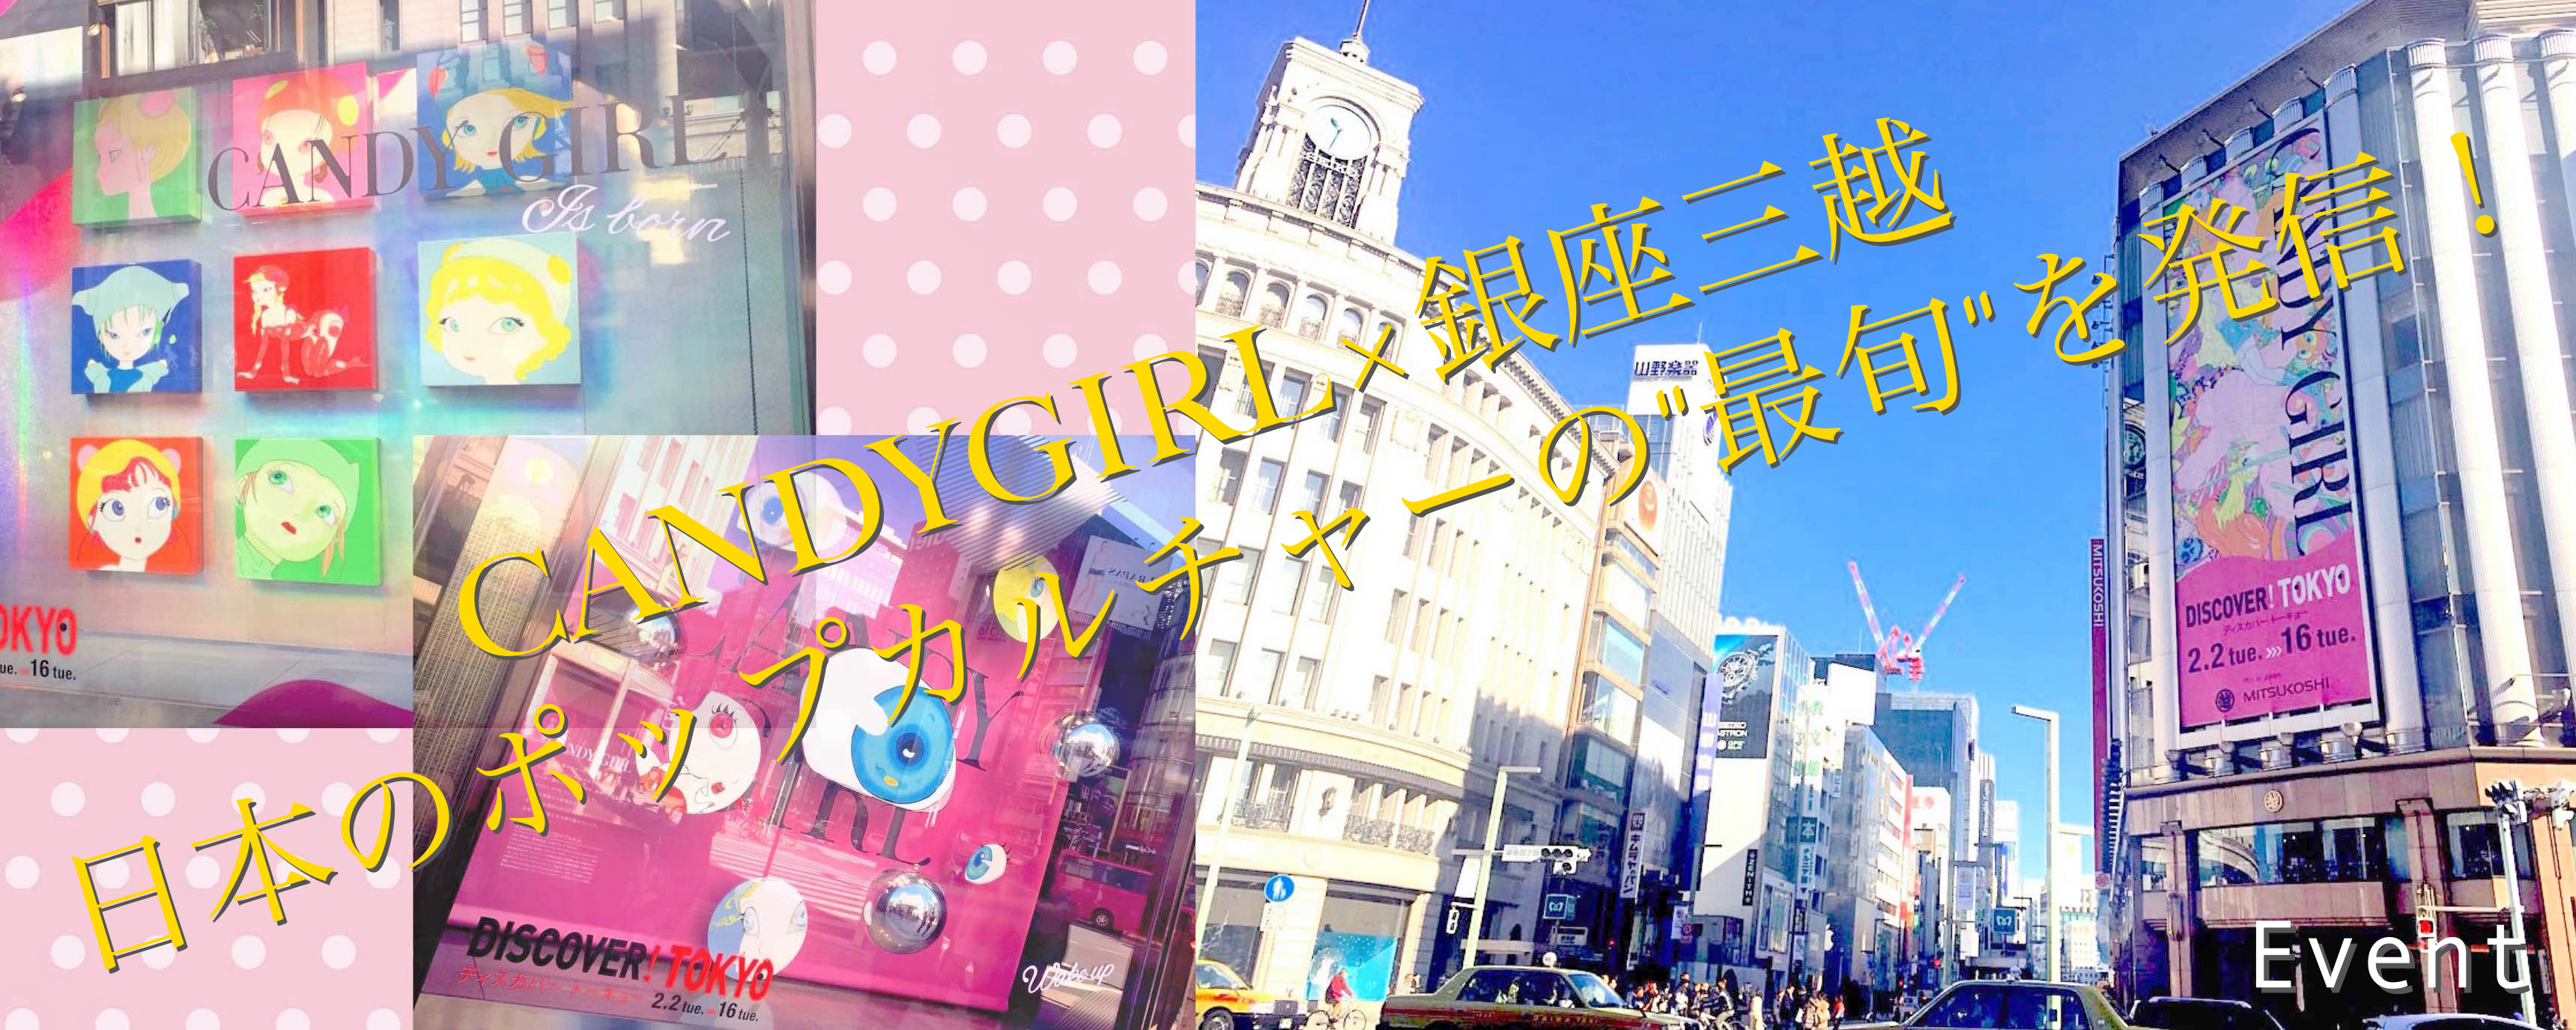 """日本のポップカルチャーの""""最旬""""を発信!CANDYGIRL×銀座三越 【速報"""